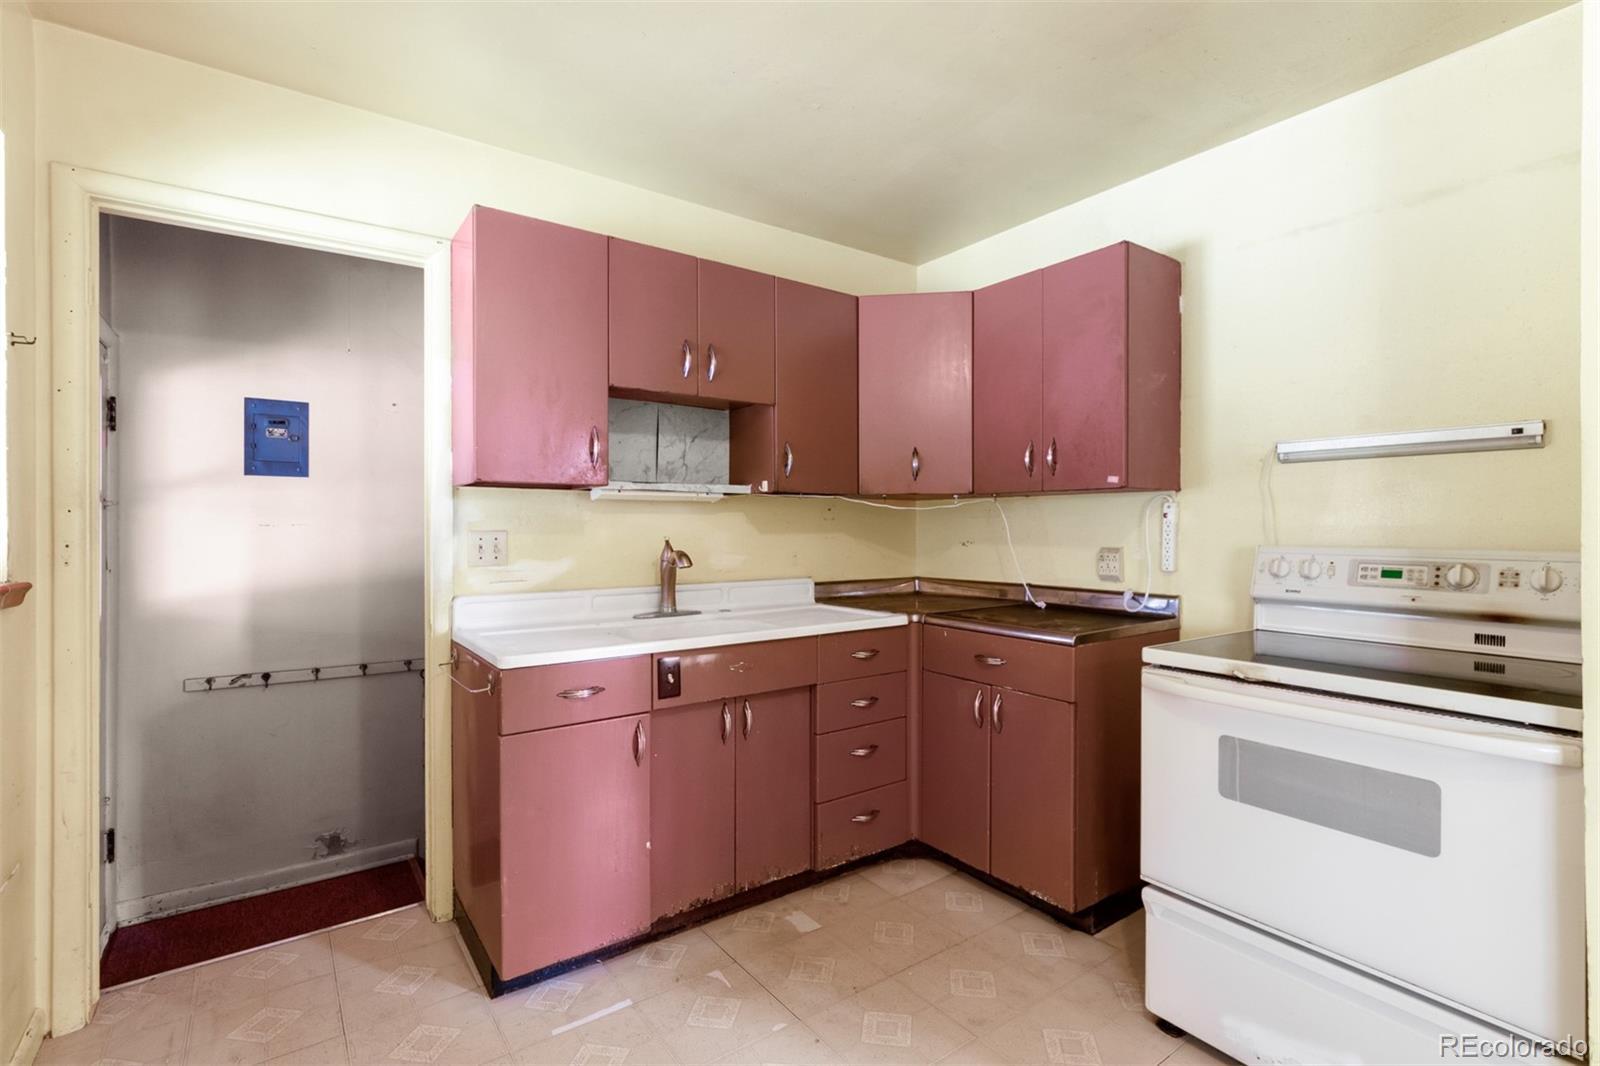 MLS# 5056721 - 1 - 3293  S Grape Street, Denver, CO 80222